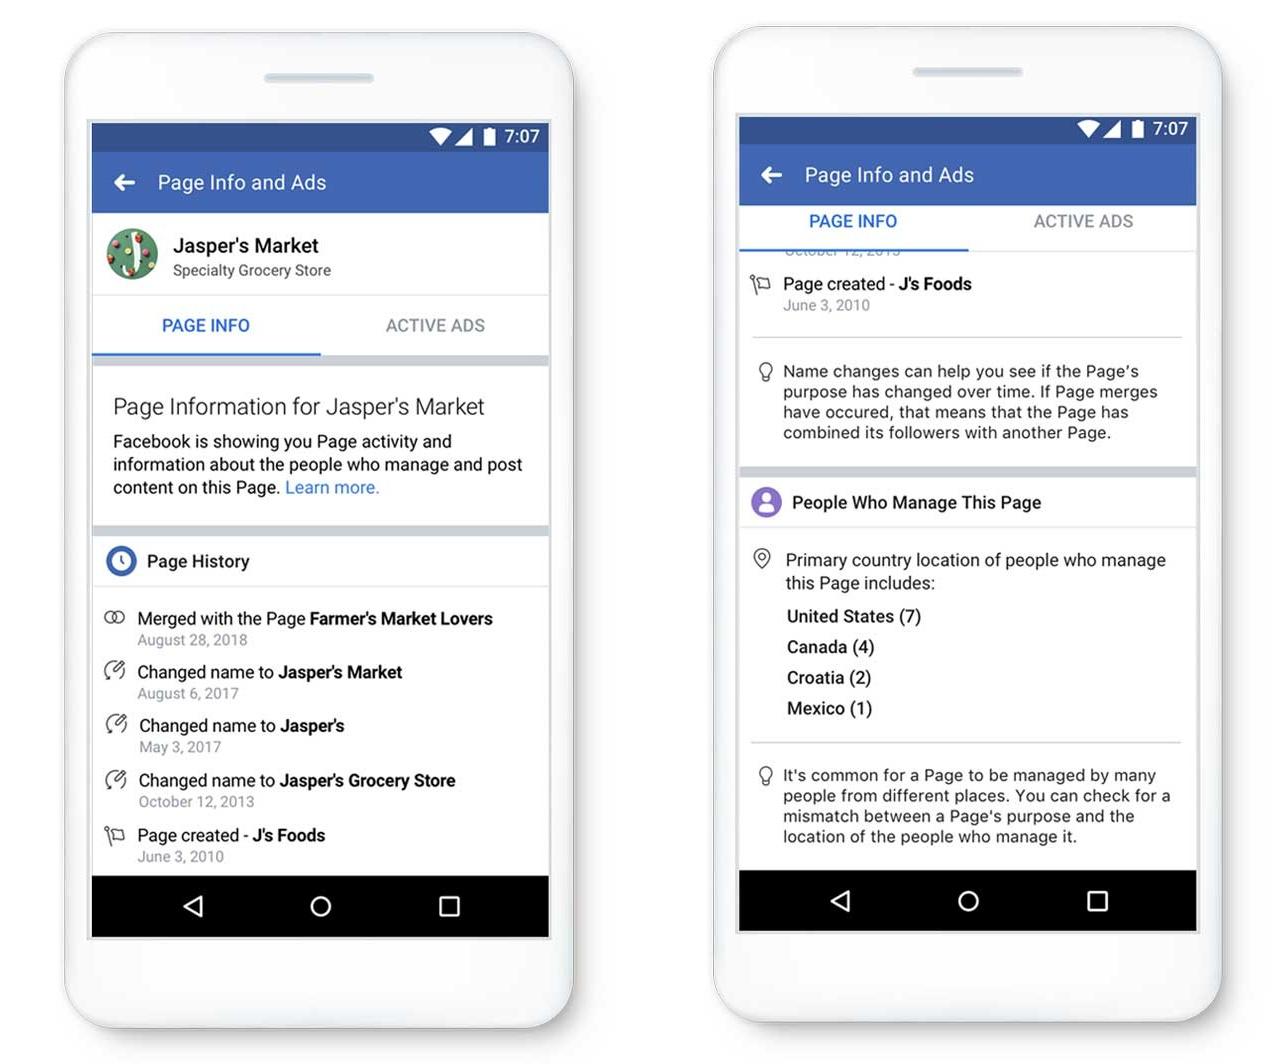 أدوات ترخيص الصفحة الجديدة من Facebook (لقطات)